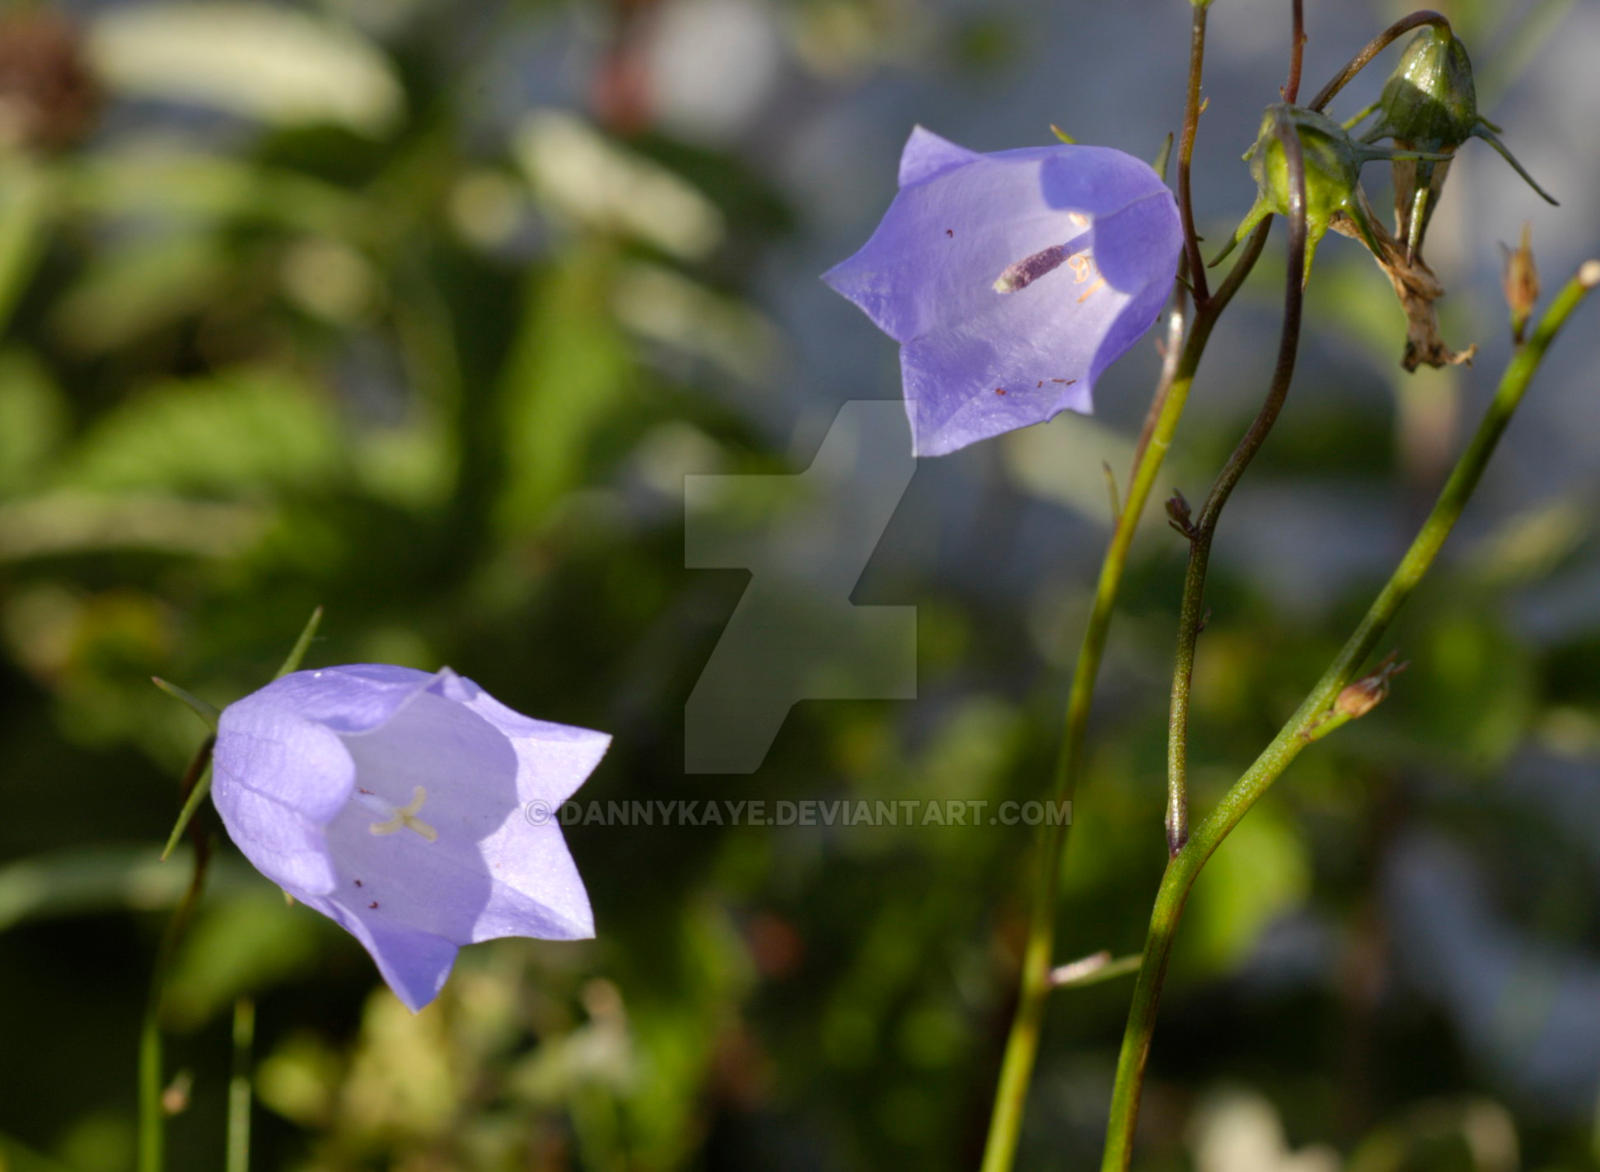 burren flower 1 by dannykaye